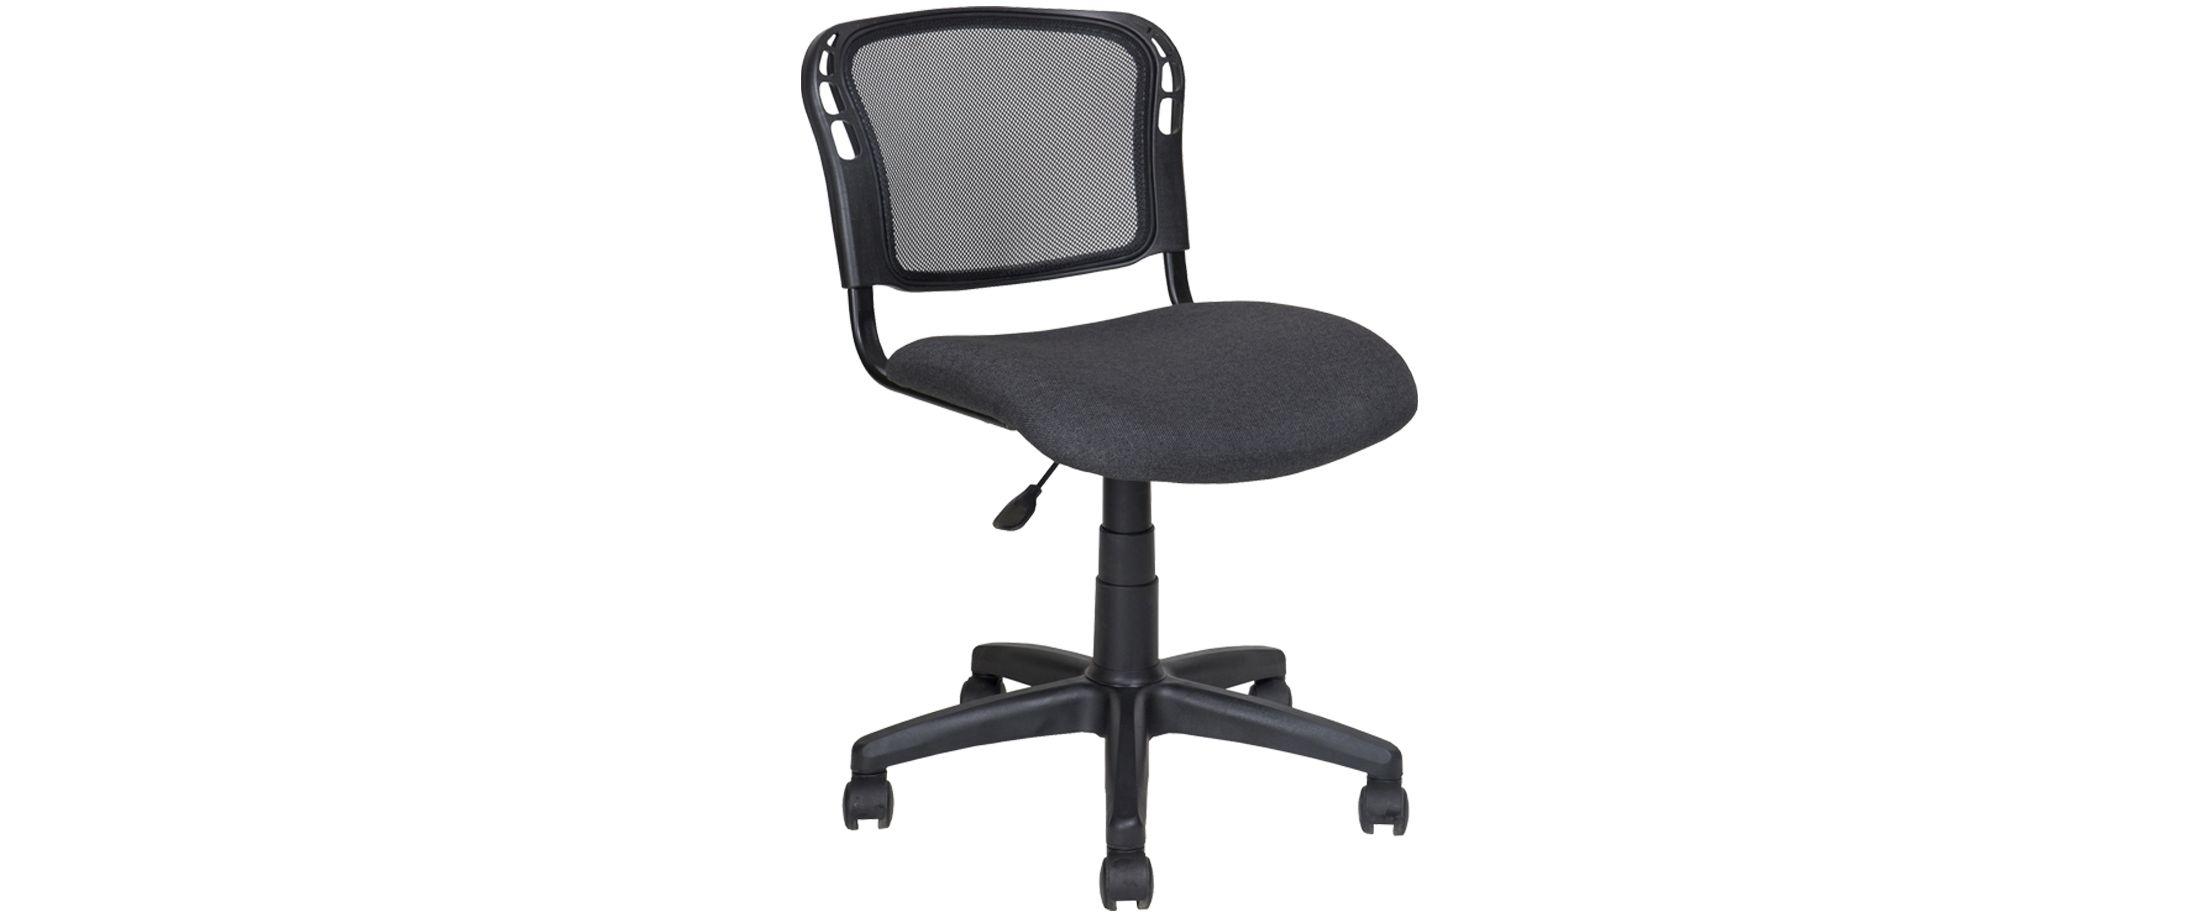 Кресло офисное AV 221 черный с серой ниткой Модель 999Кресло офисное AV 221 черный с серой ниткой Модель 999. Артикул Д000749<br><br>Ширина см: 47<br>Глубина см: 47<br>Высота см: 89<br>Цвет: Черный